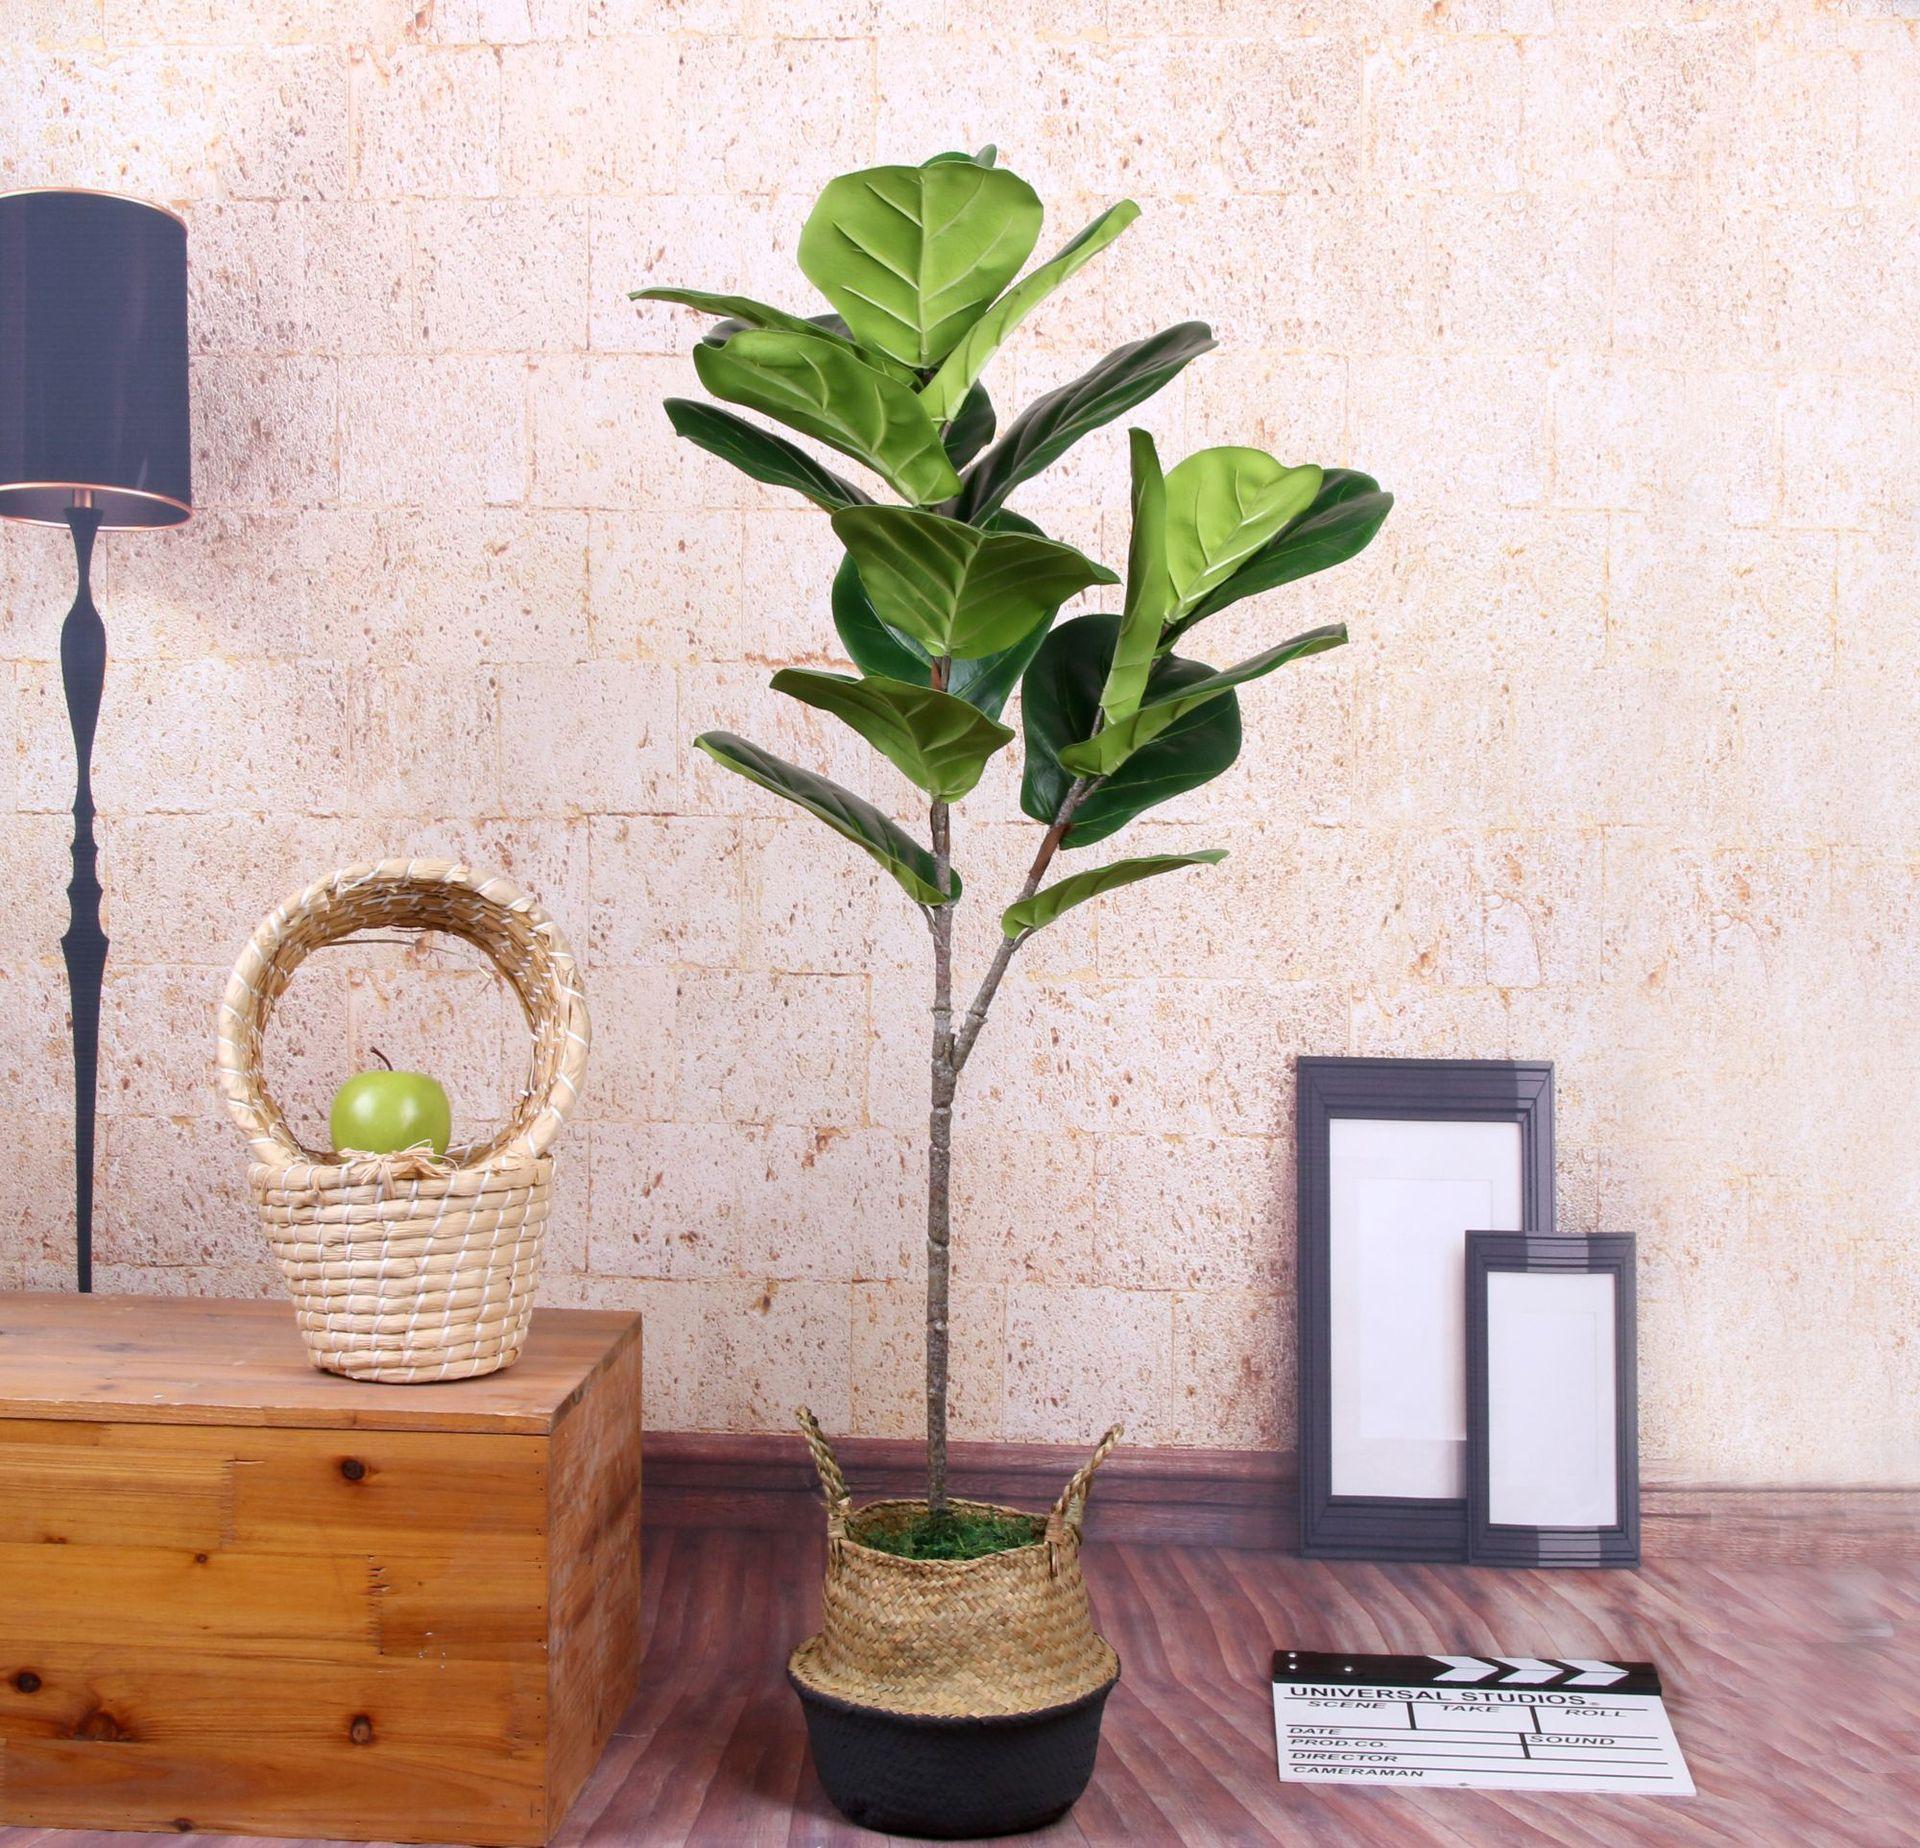 5 PCS Vero Tocco Artificiale Banyan Ramo di Un albero Artificiale albero di Banyan Pianta Falso albero di Banyan Bouquet Per La Casa Decorazione del Giardino-in Piante artificiali da Casa e giardino su  Gruppo 2